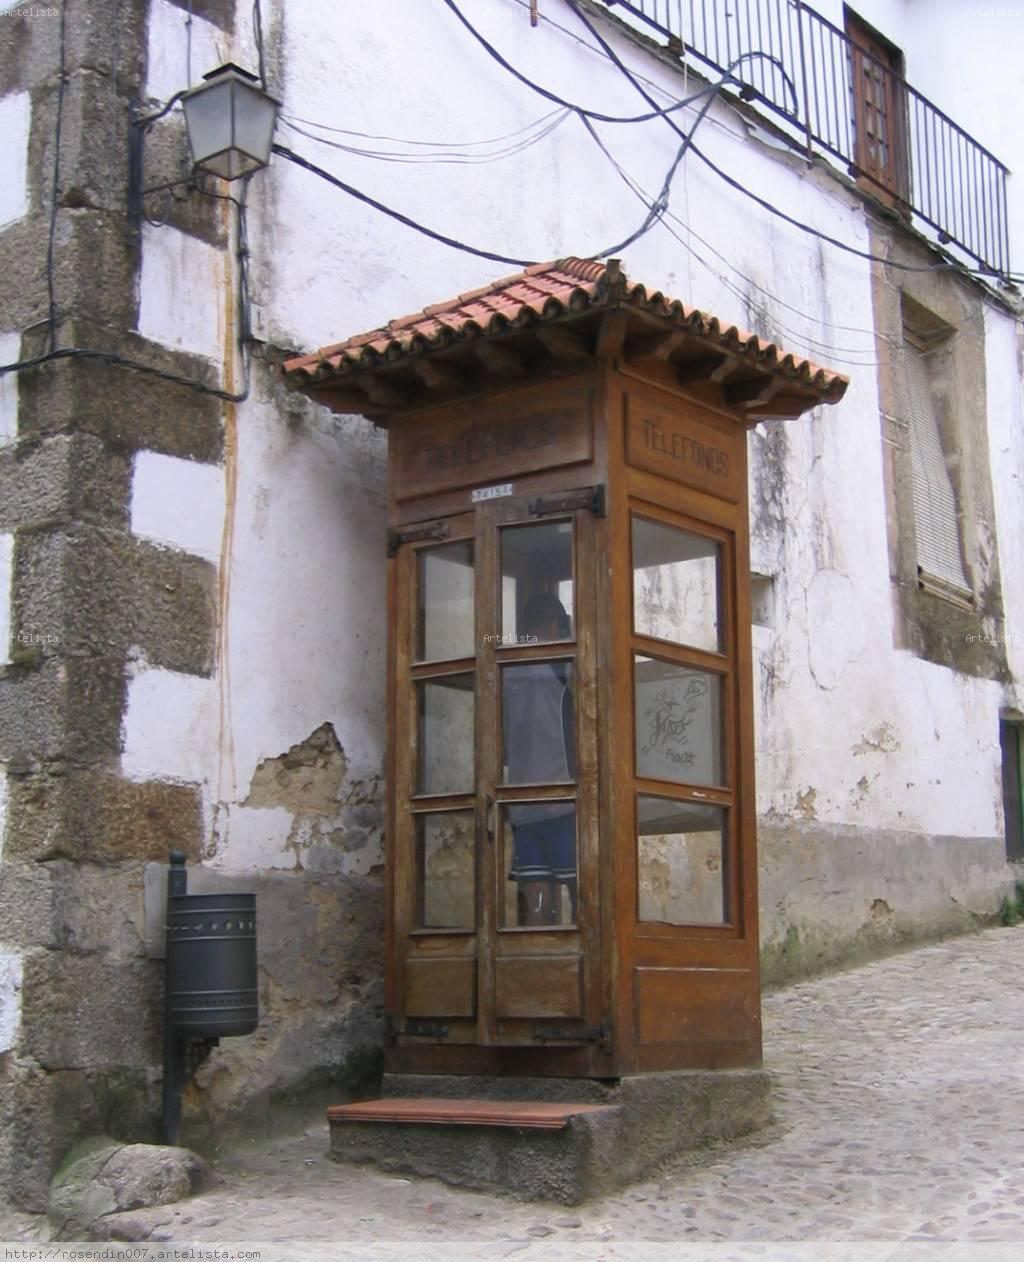 Cabina de teléfono antigua